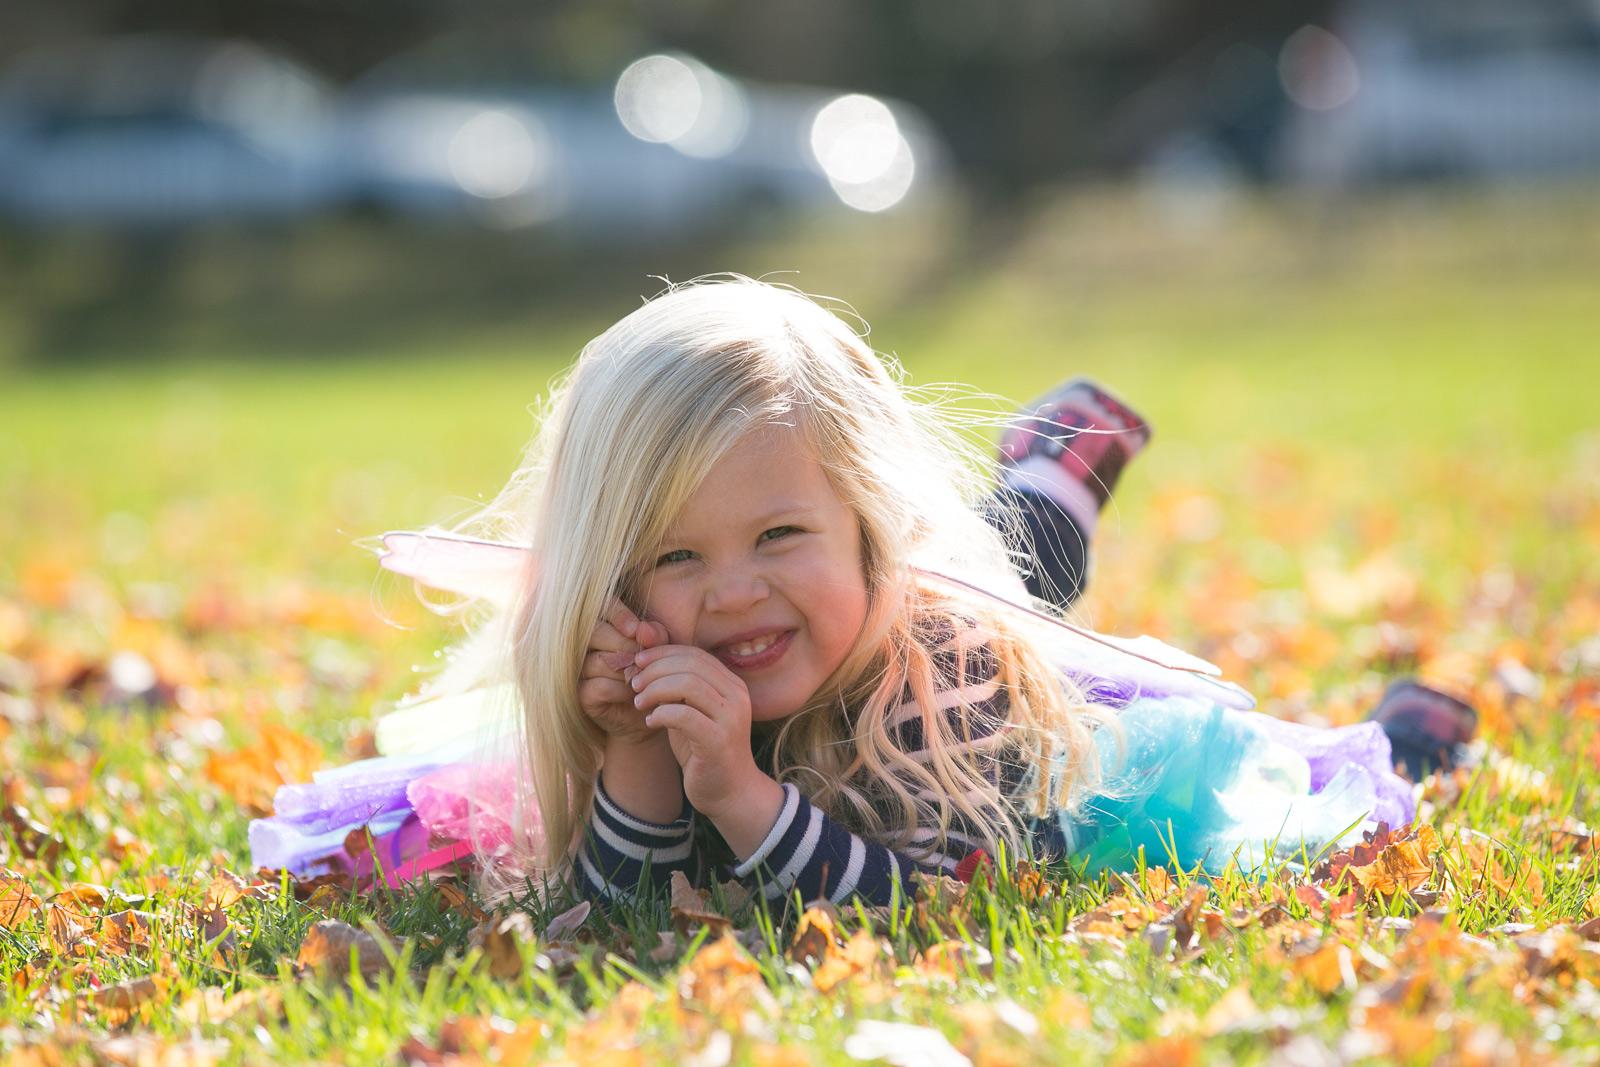 little-girl-in-a-chicago-park-portrait.jpg